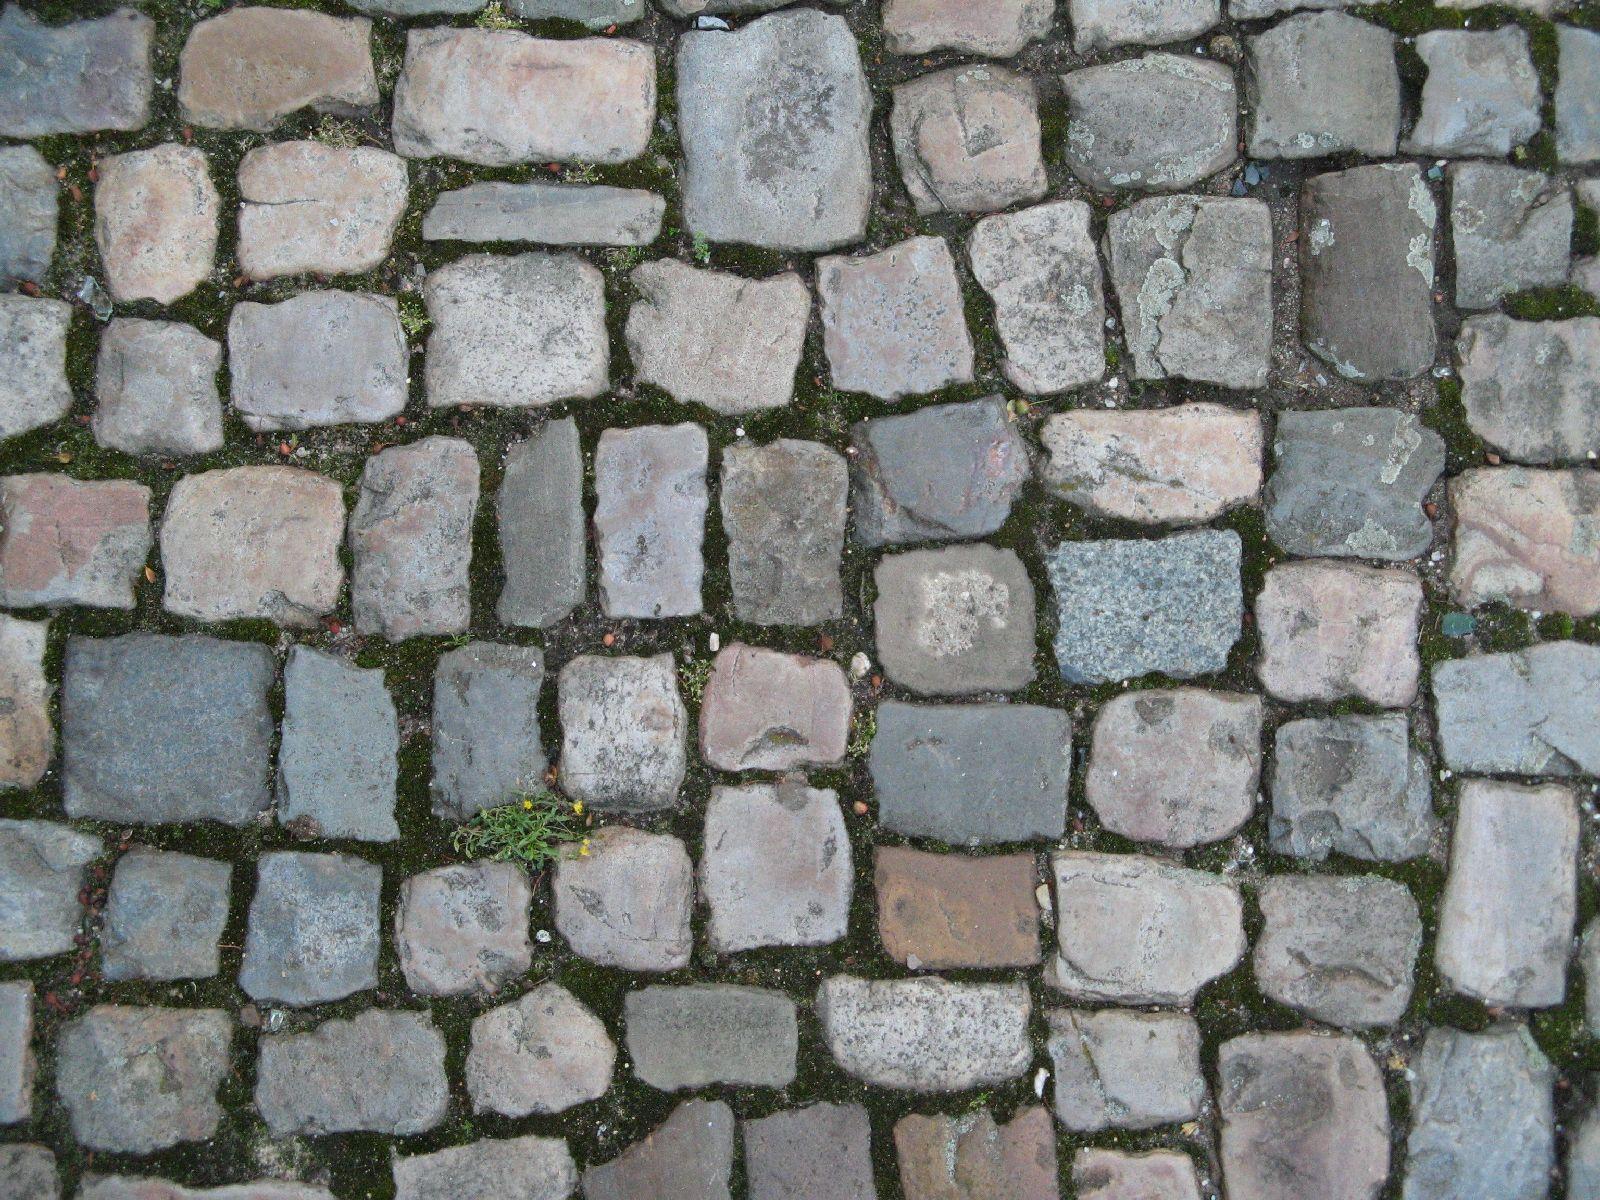 Boden-Gehweg-Strasse-Buergersteig-Textur_B_1064